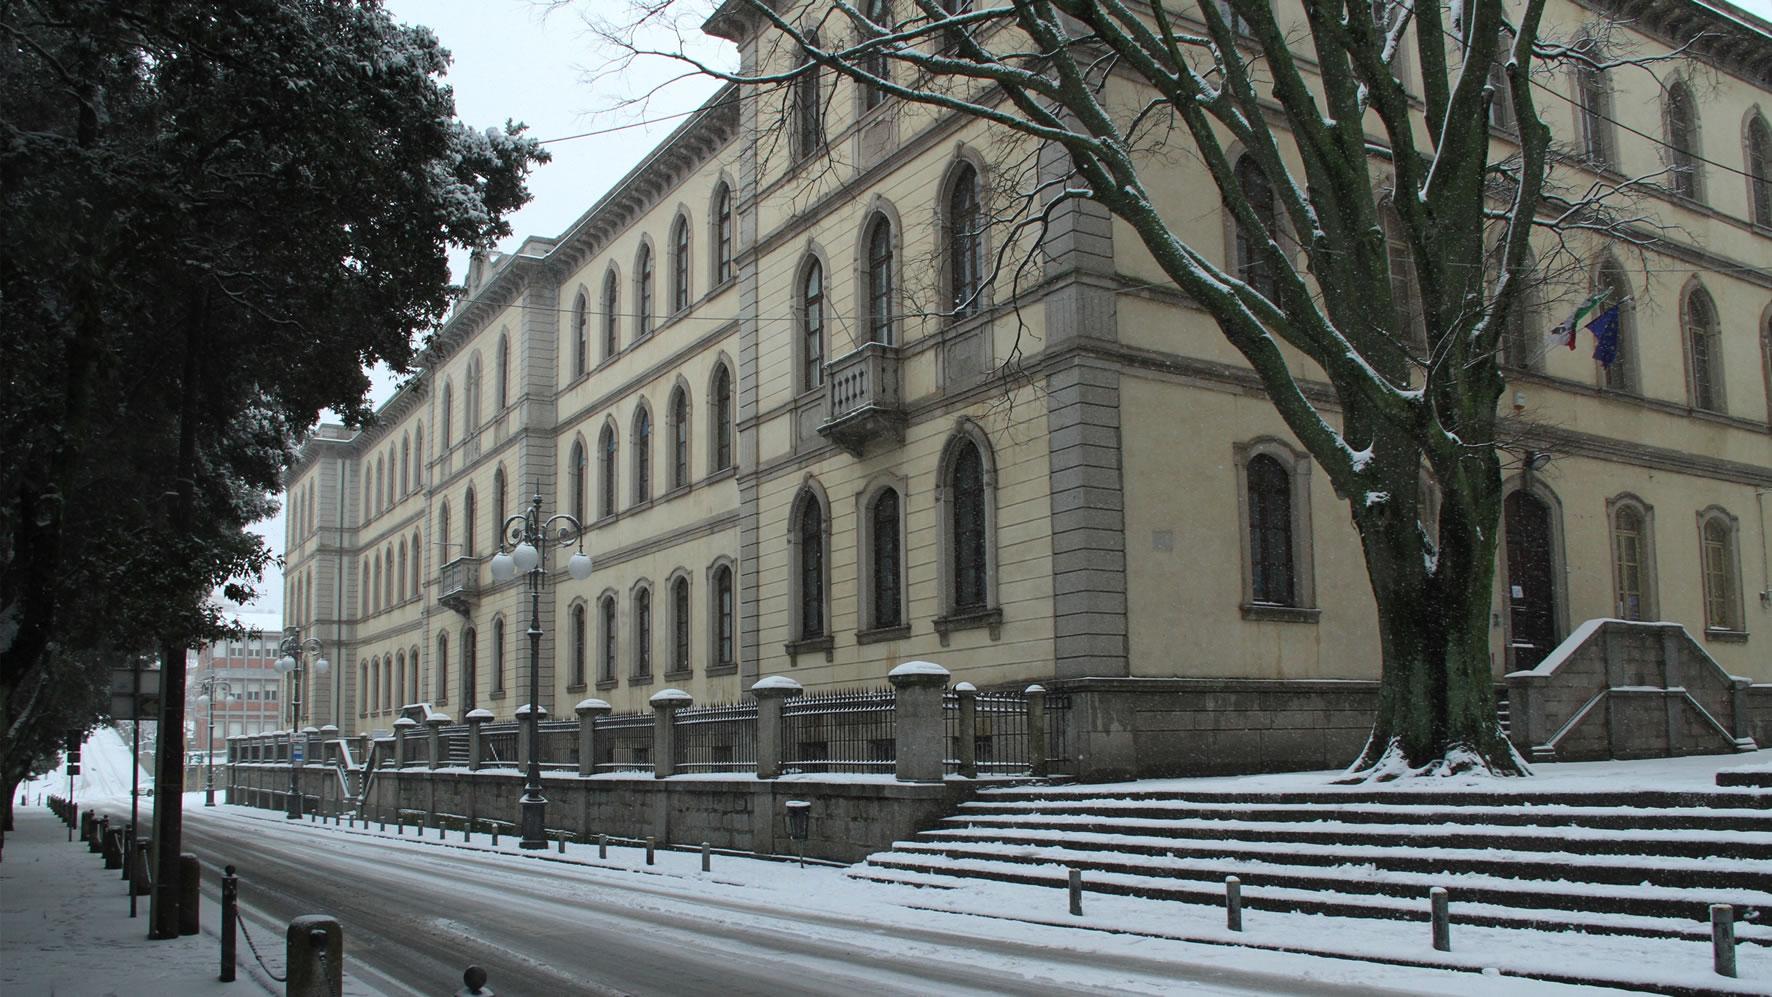 Parco delle Rimembranze, Tempio Pausania